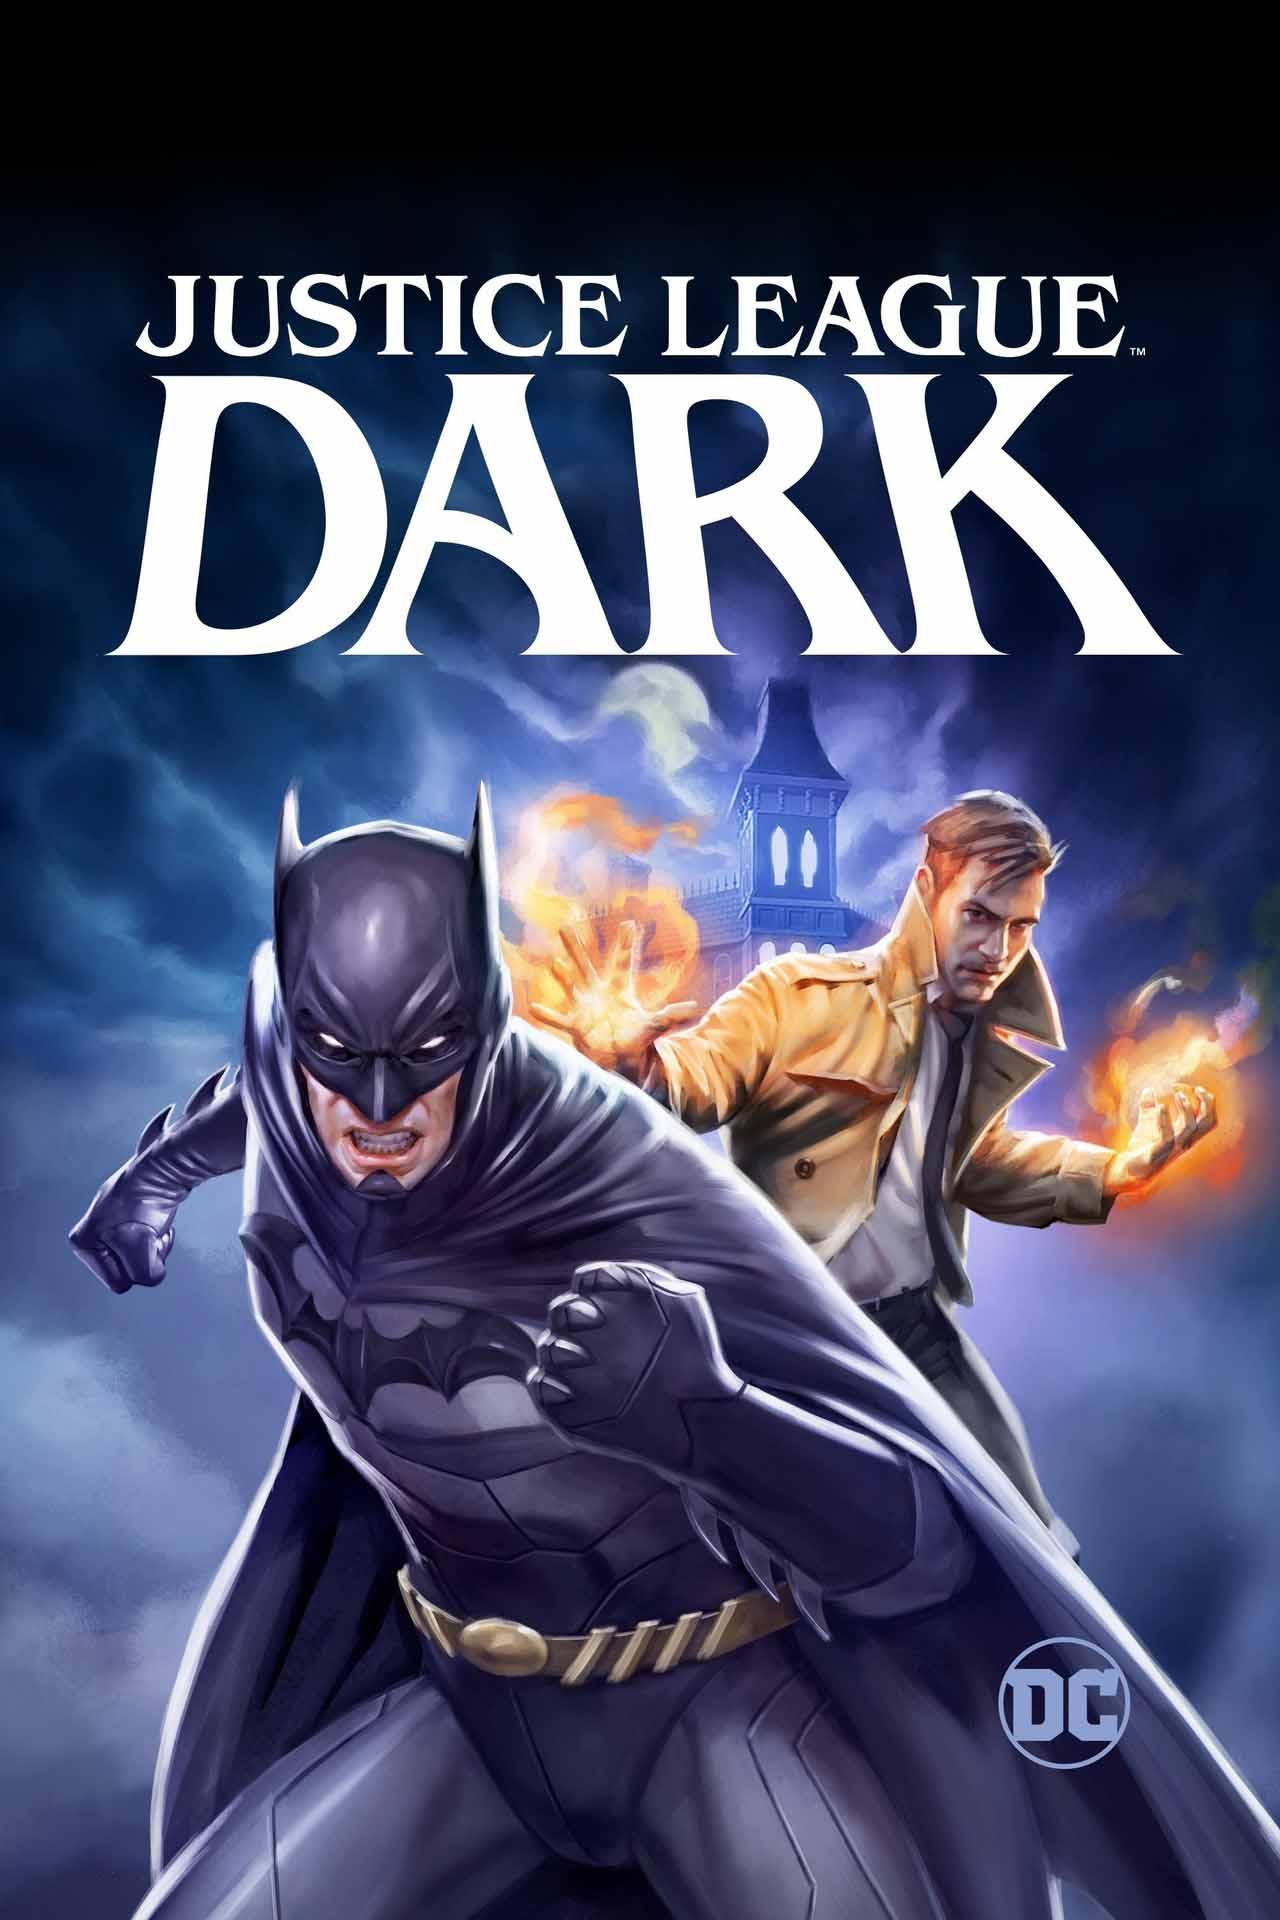 Justice league dark release date